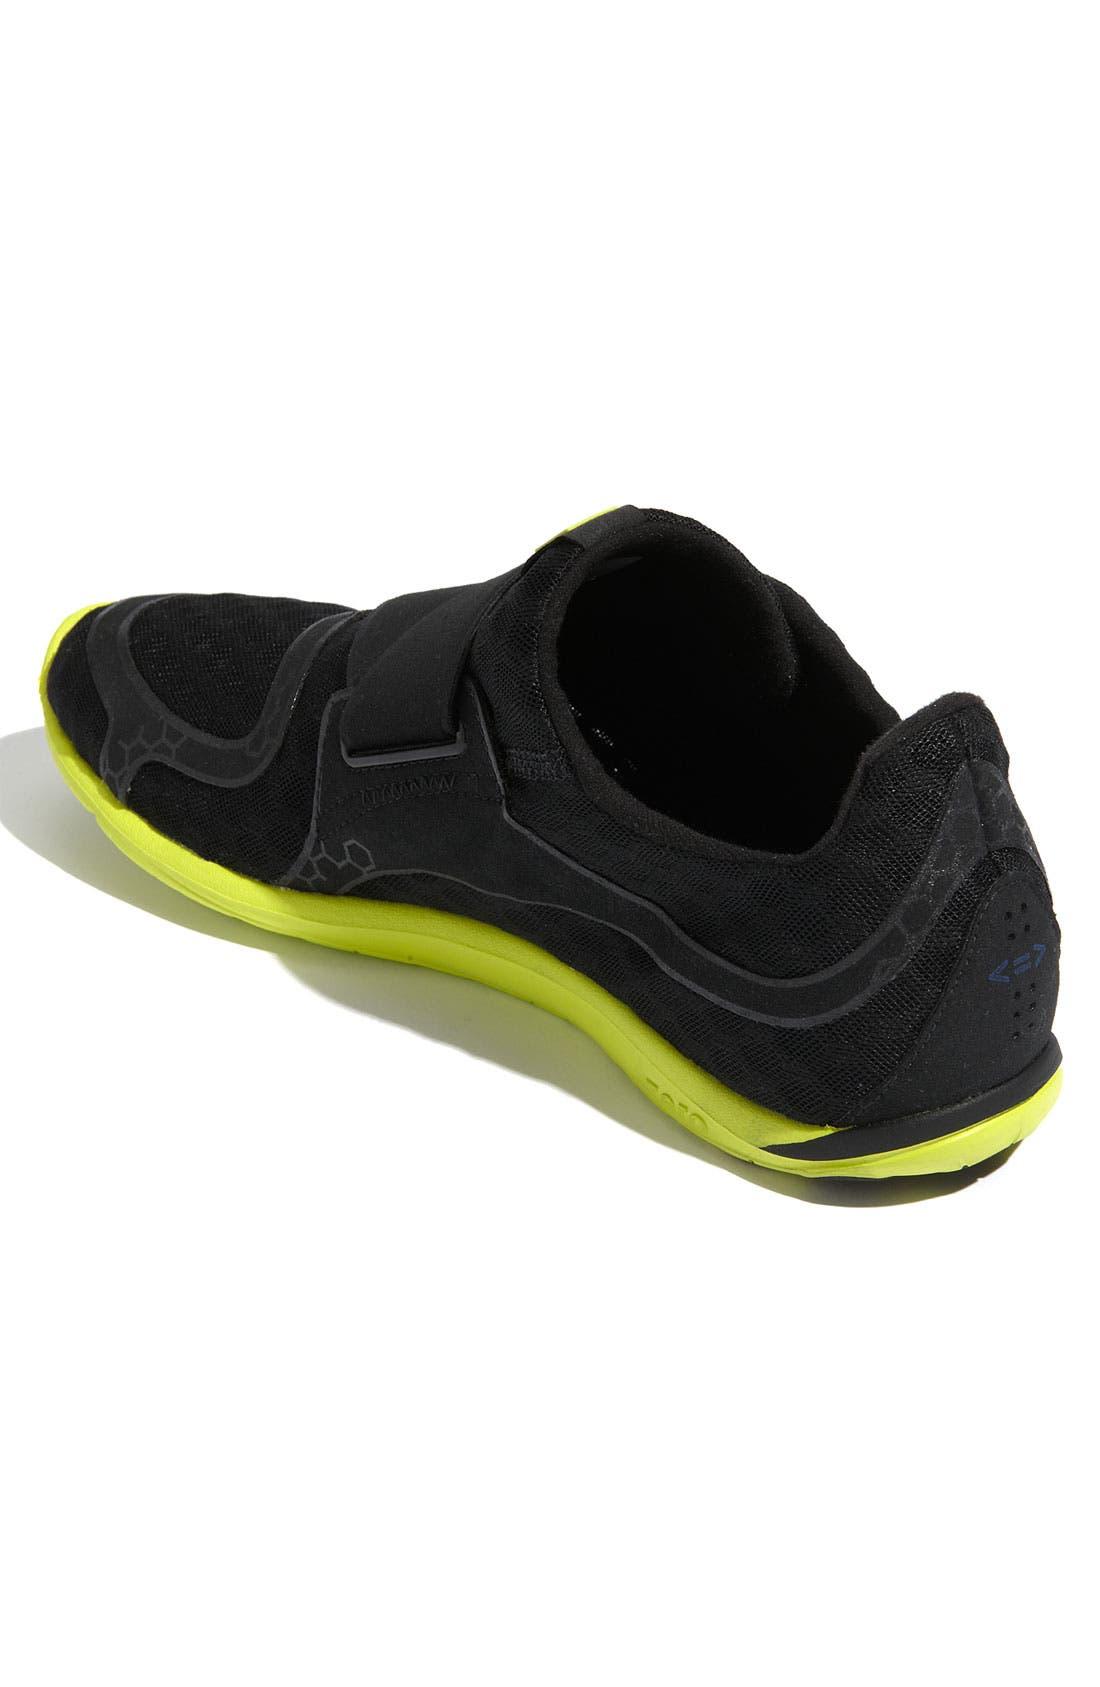 Alternate Image 2  - New Balance 'Minimus' Walking Shoe (Men)